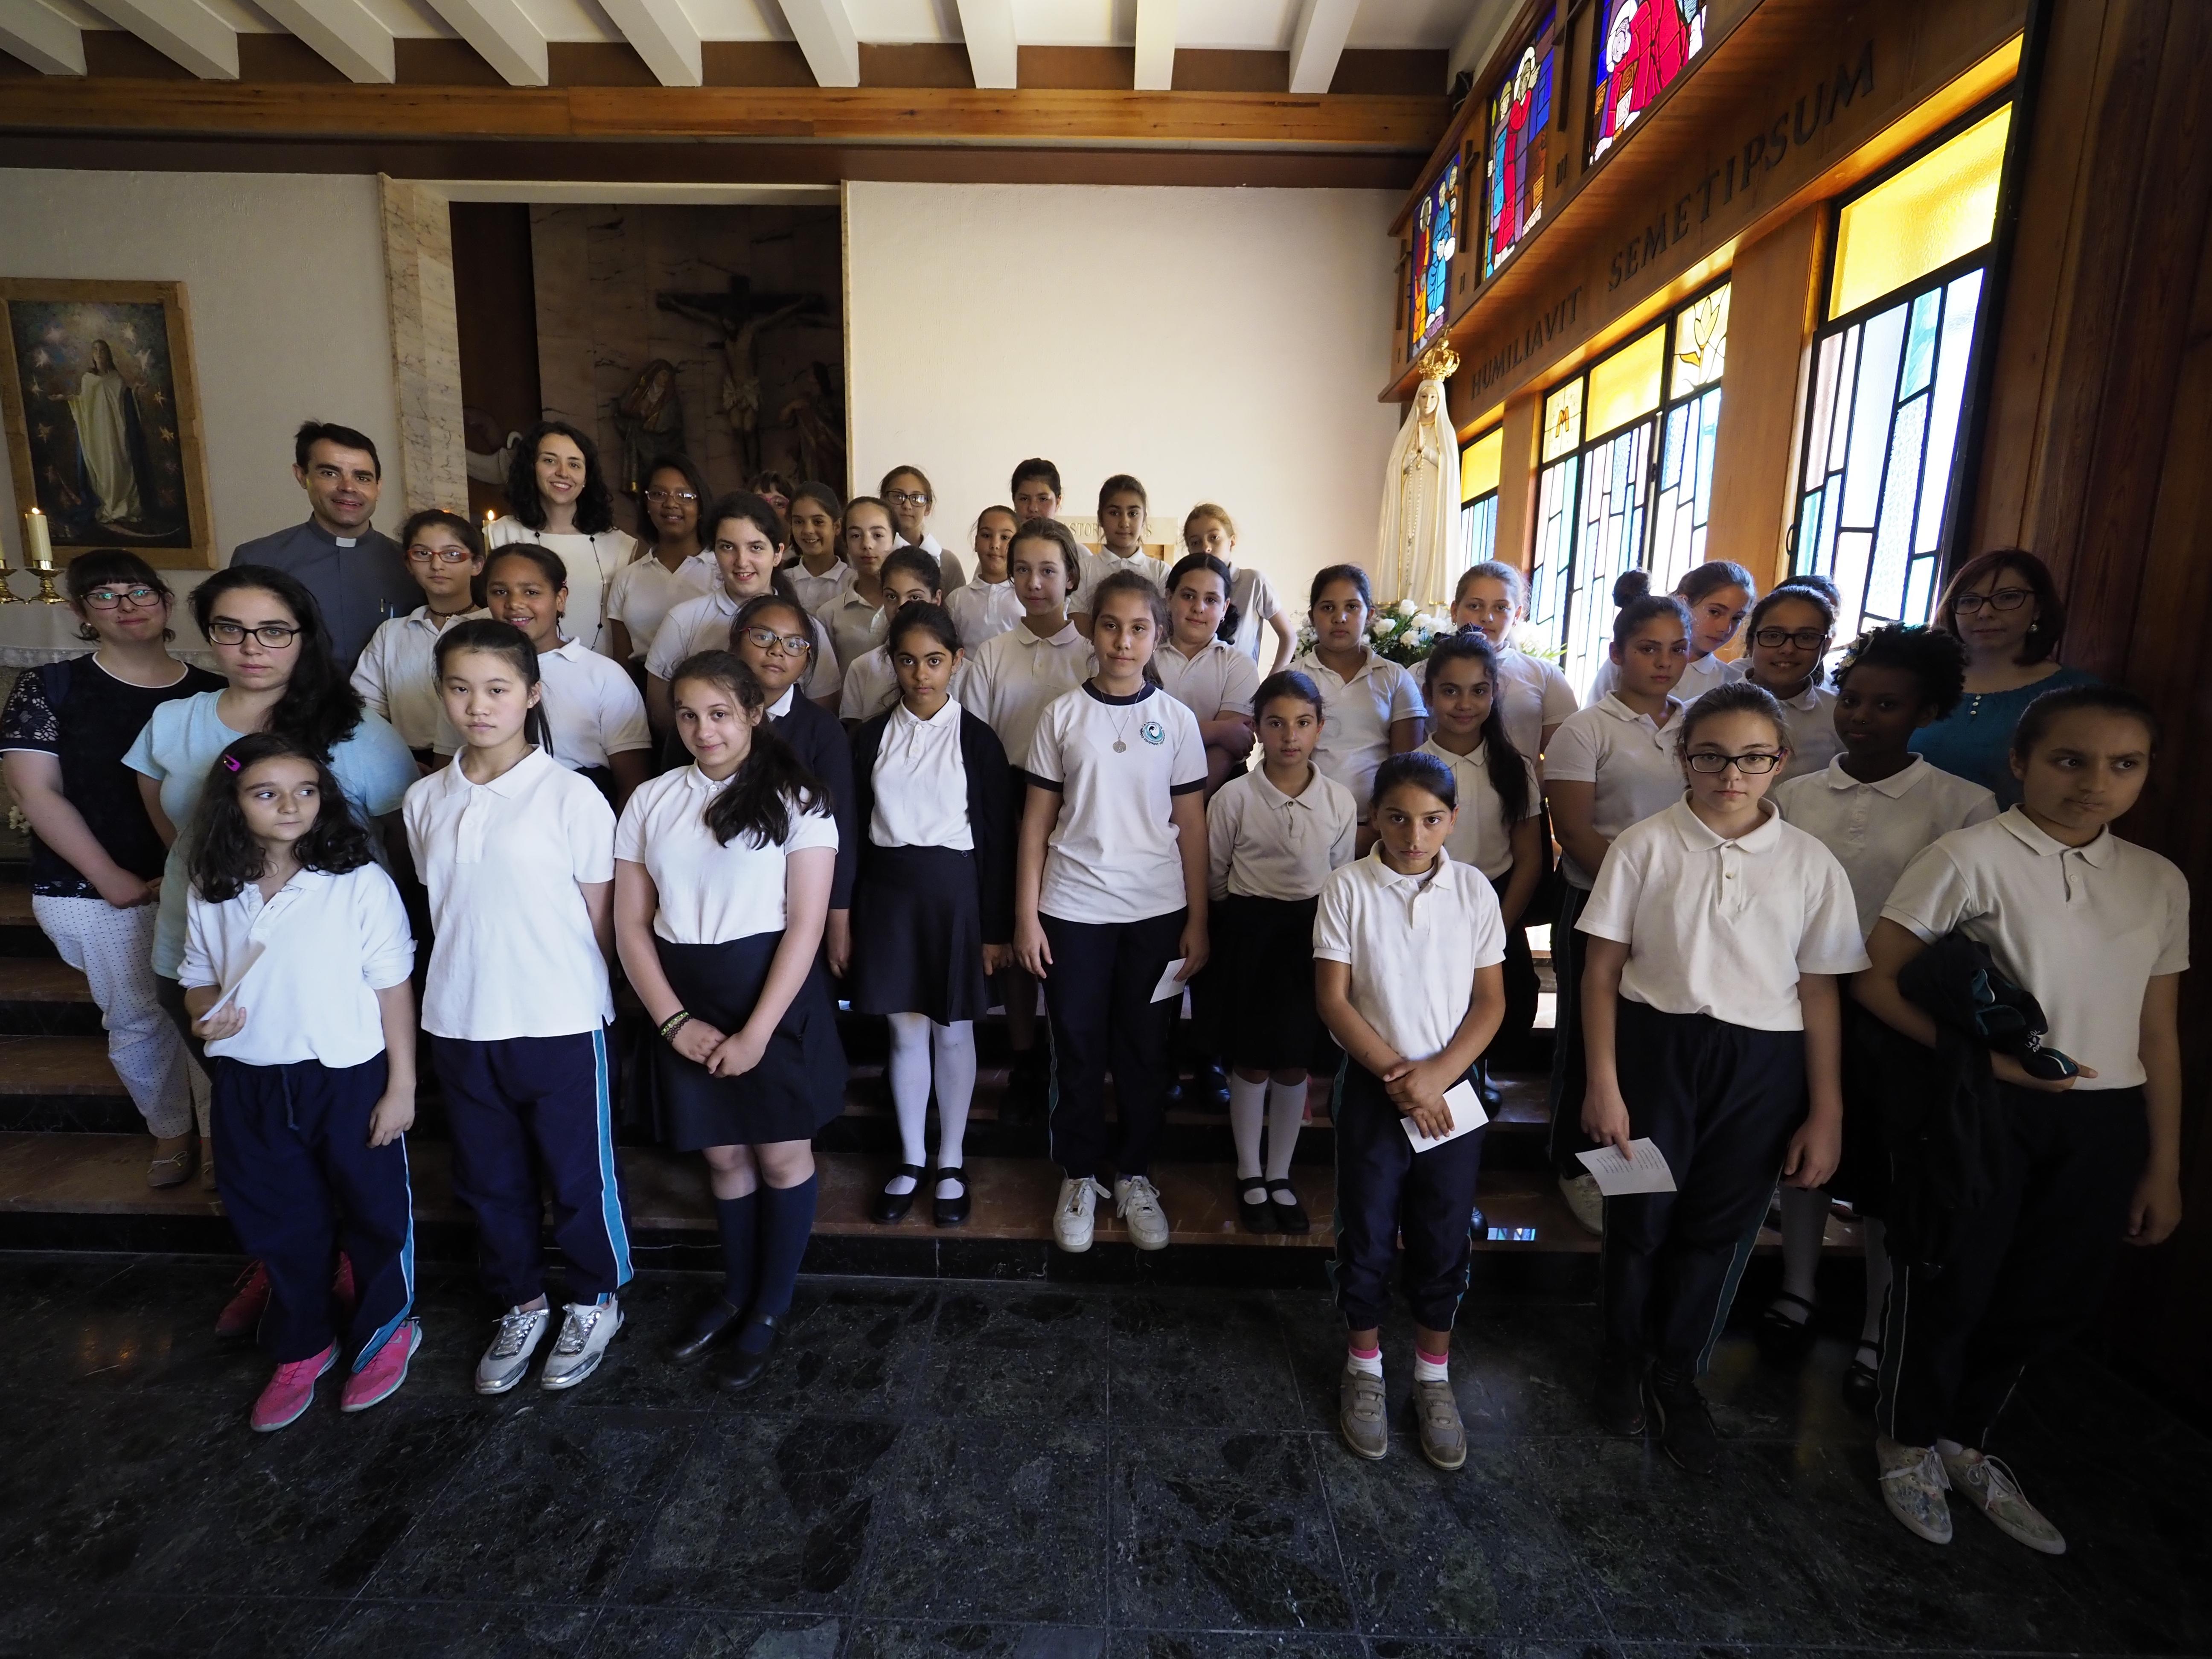 12-6-2017 - Visita de la Virgen Peregrina de Fátima al Seminario de Valladolid